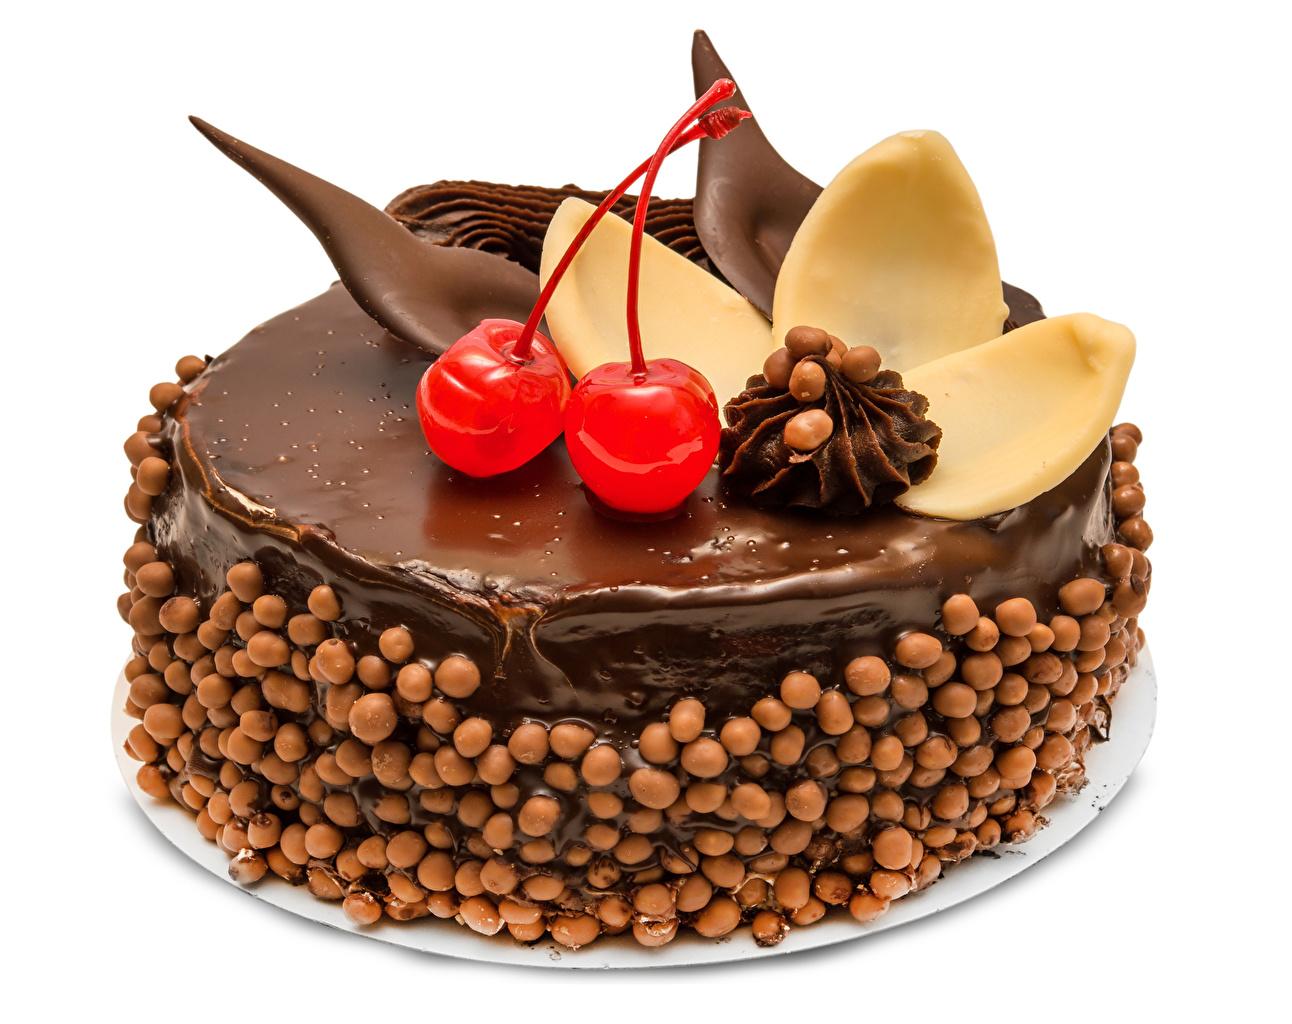 Обои для рабочего стола Шоколад Торты Черешня Еда белом фоне сладкая еда Дизайн Вишня Пища Продукты питания Сладости Белый фон белым фоном дизайна